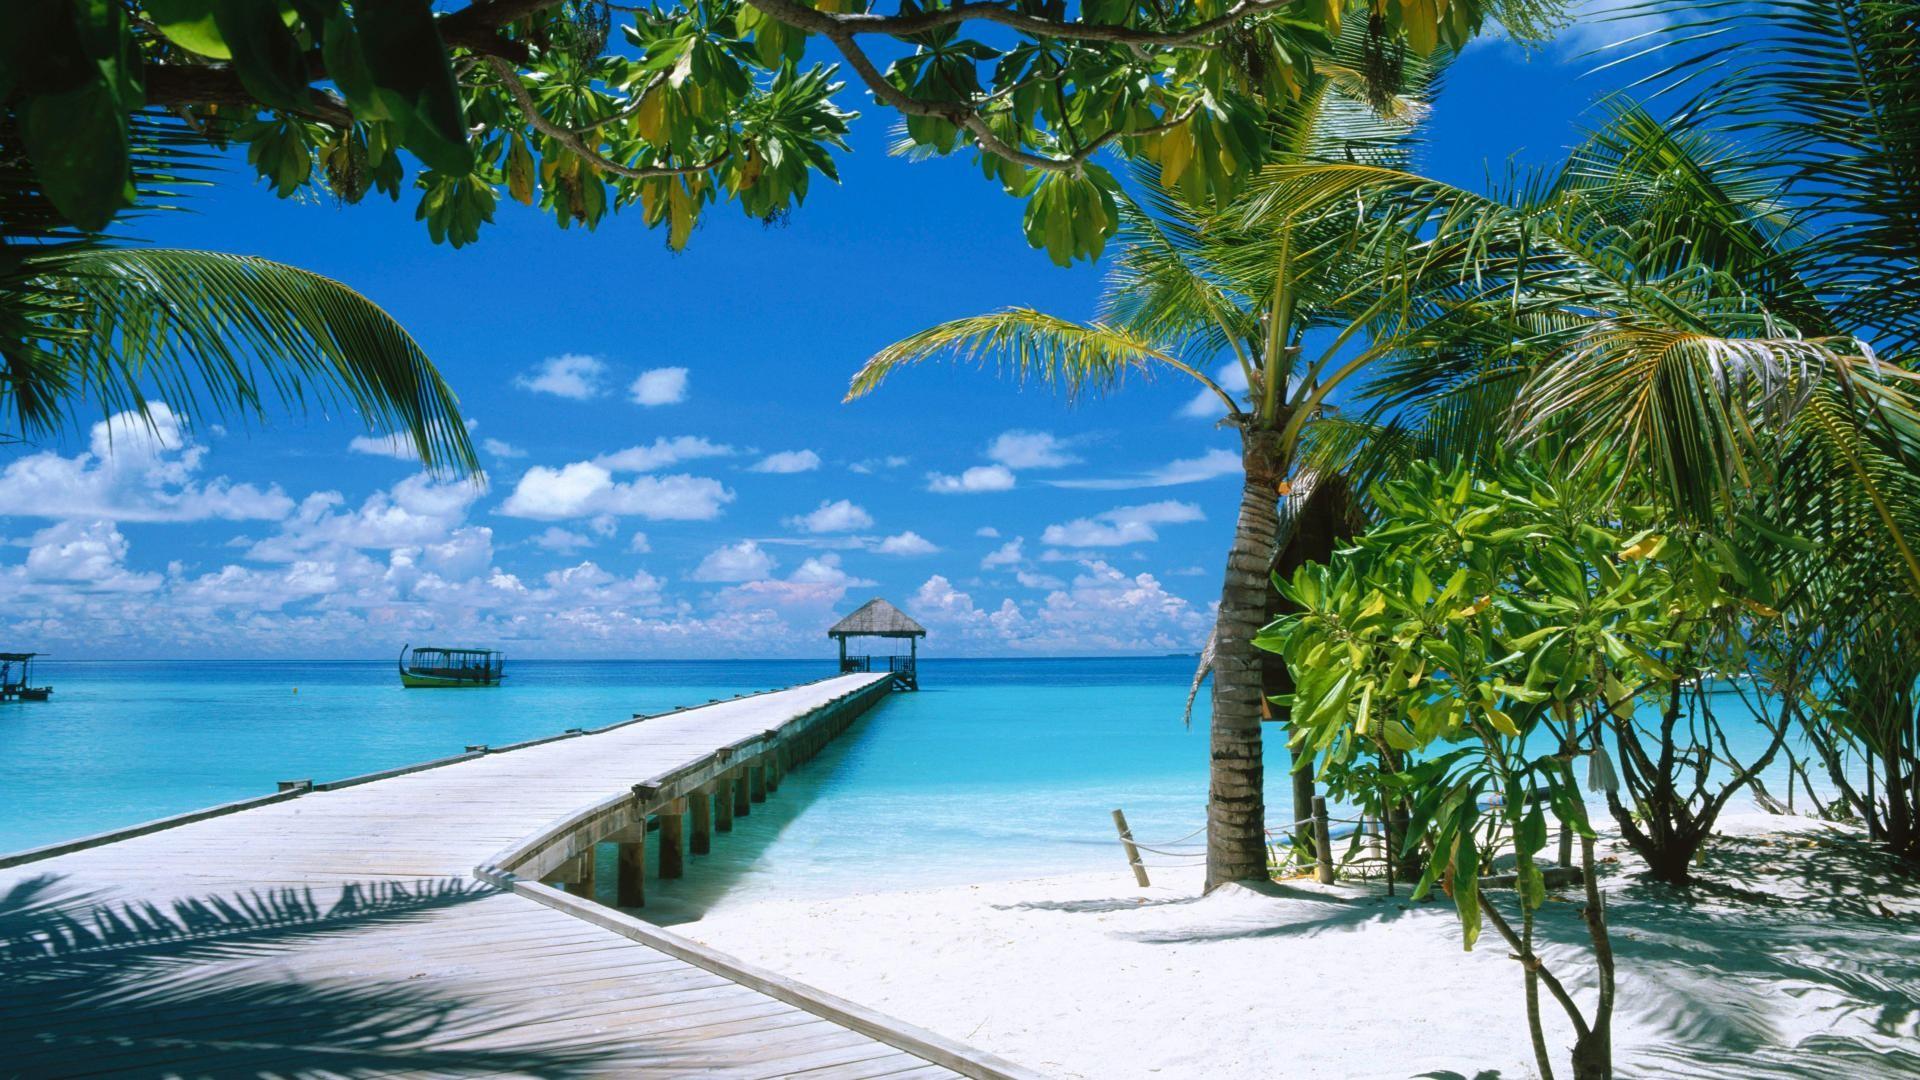 Beach Wallpaper Computer 54 Images 1920x1080 Paradise Summer Desktop Wallpapers